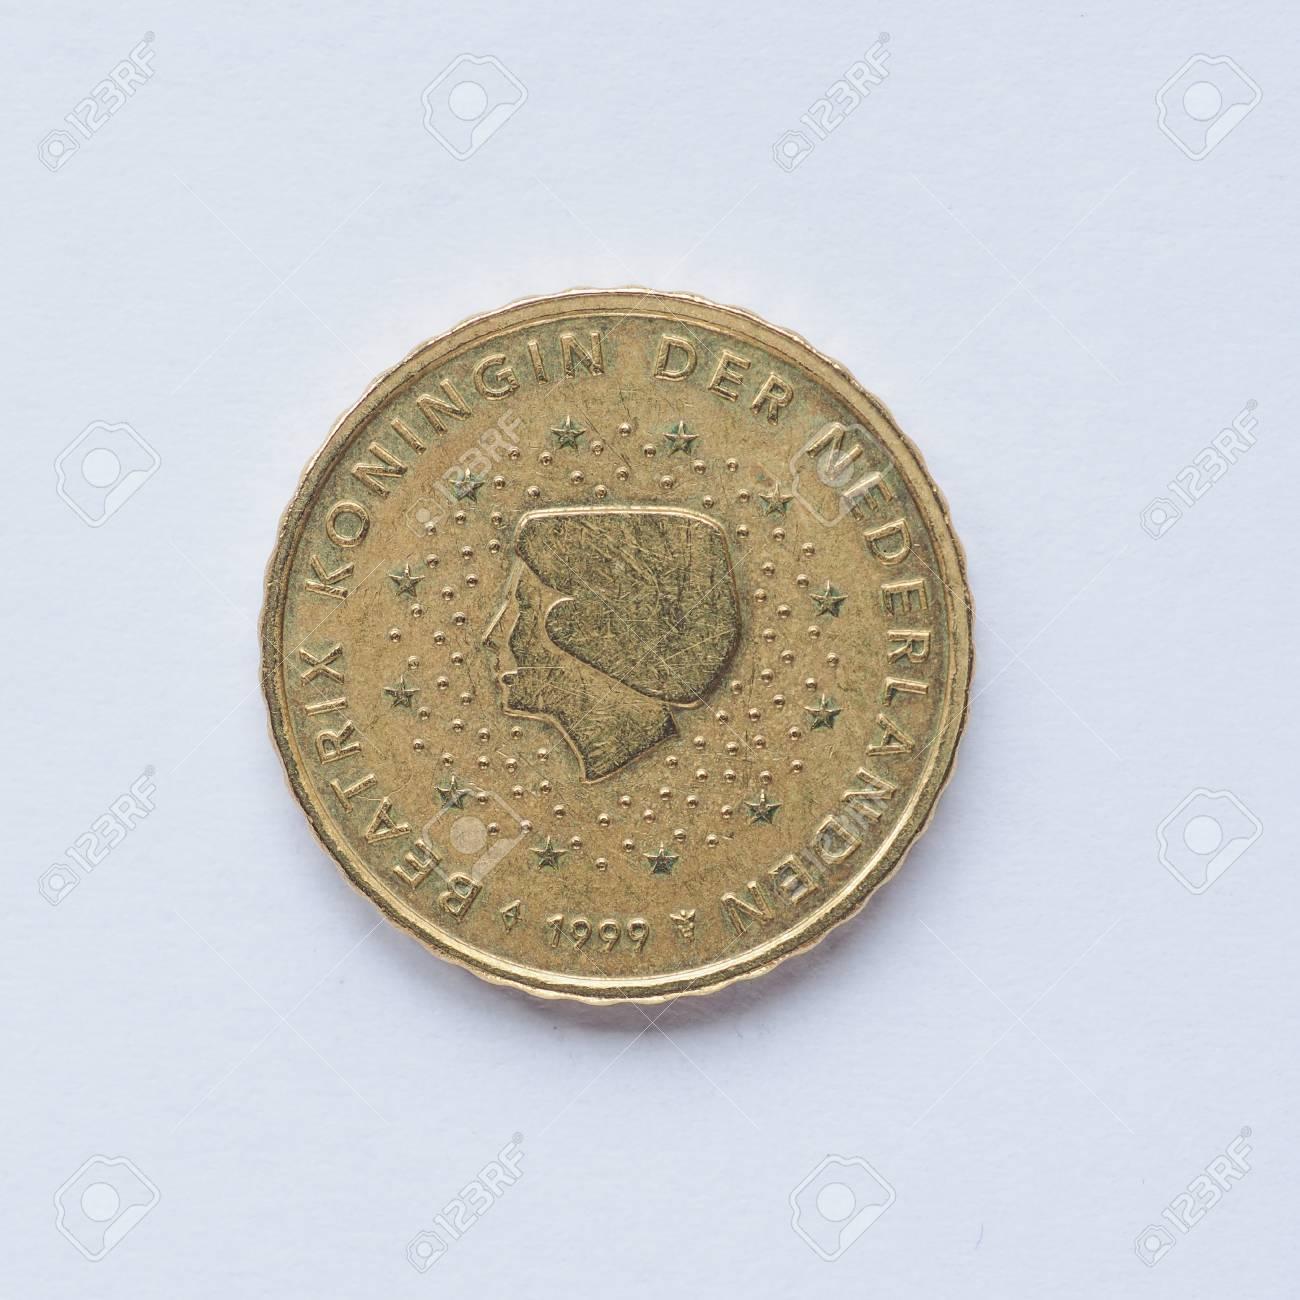 Währung Europa 10 Cent Münze Aus Niederlande Lizenzfreie Fotos